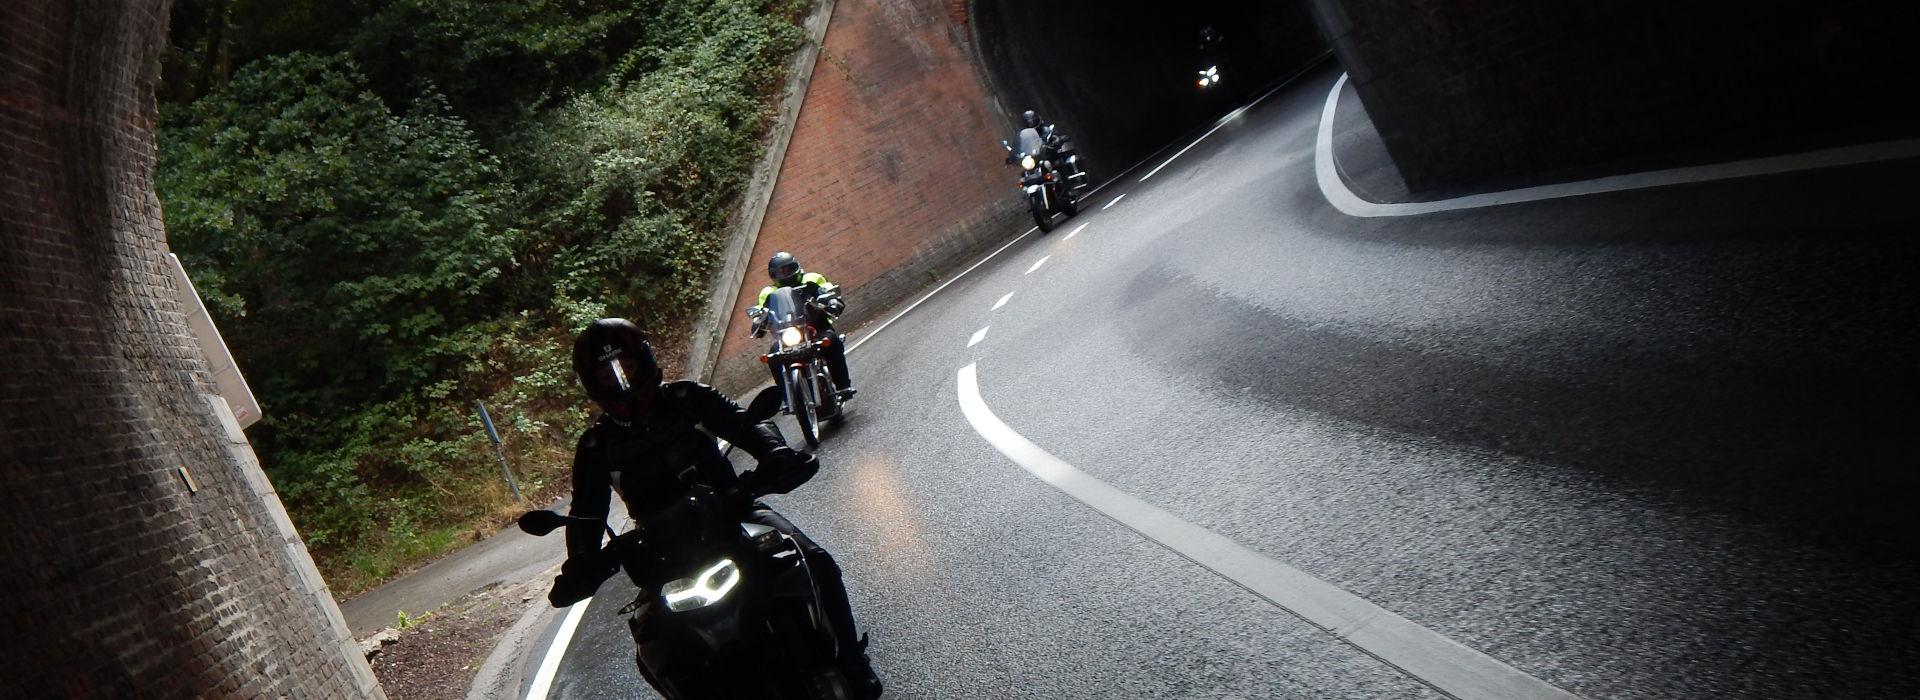 Motorrijbewijspoint Genhout spoedcursus motorrijbewijs